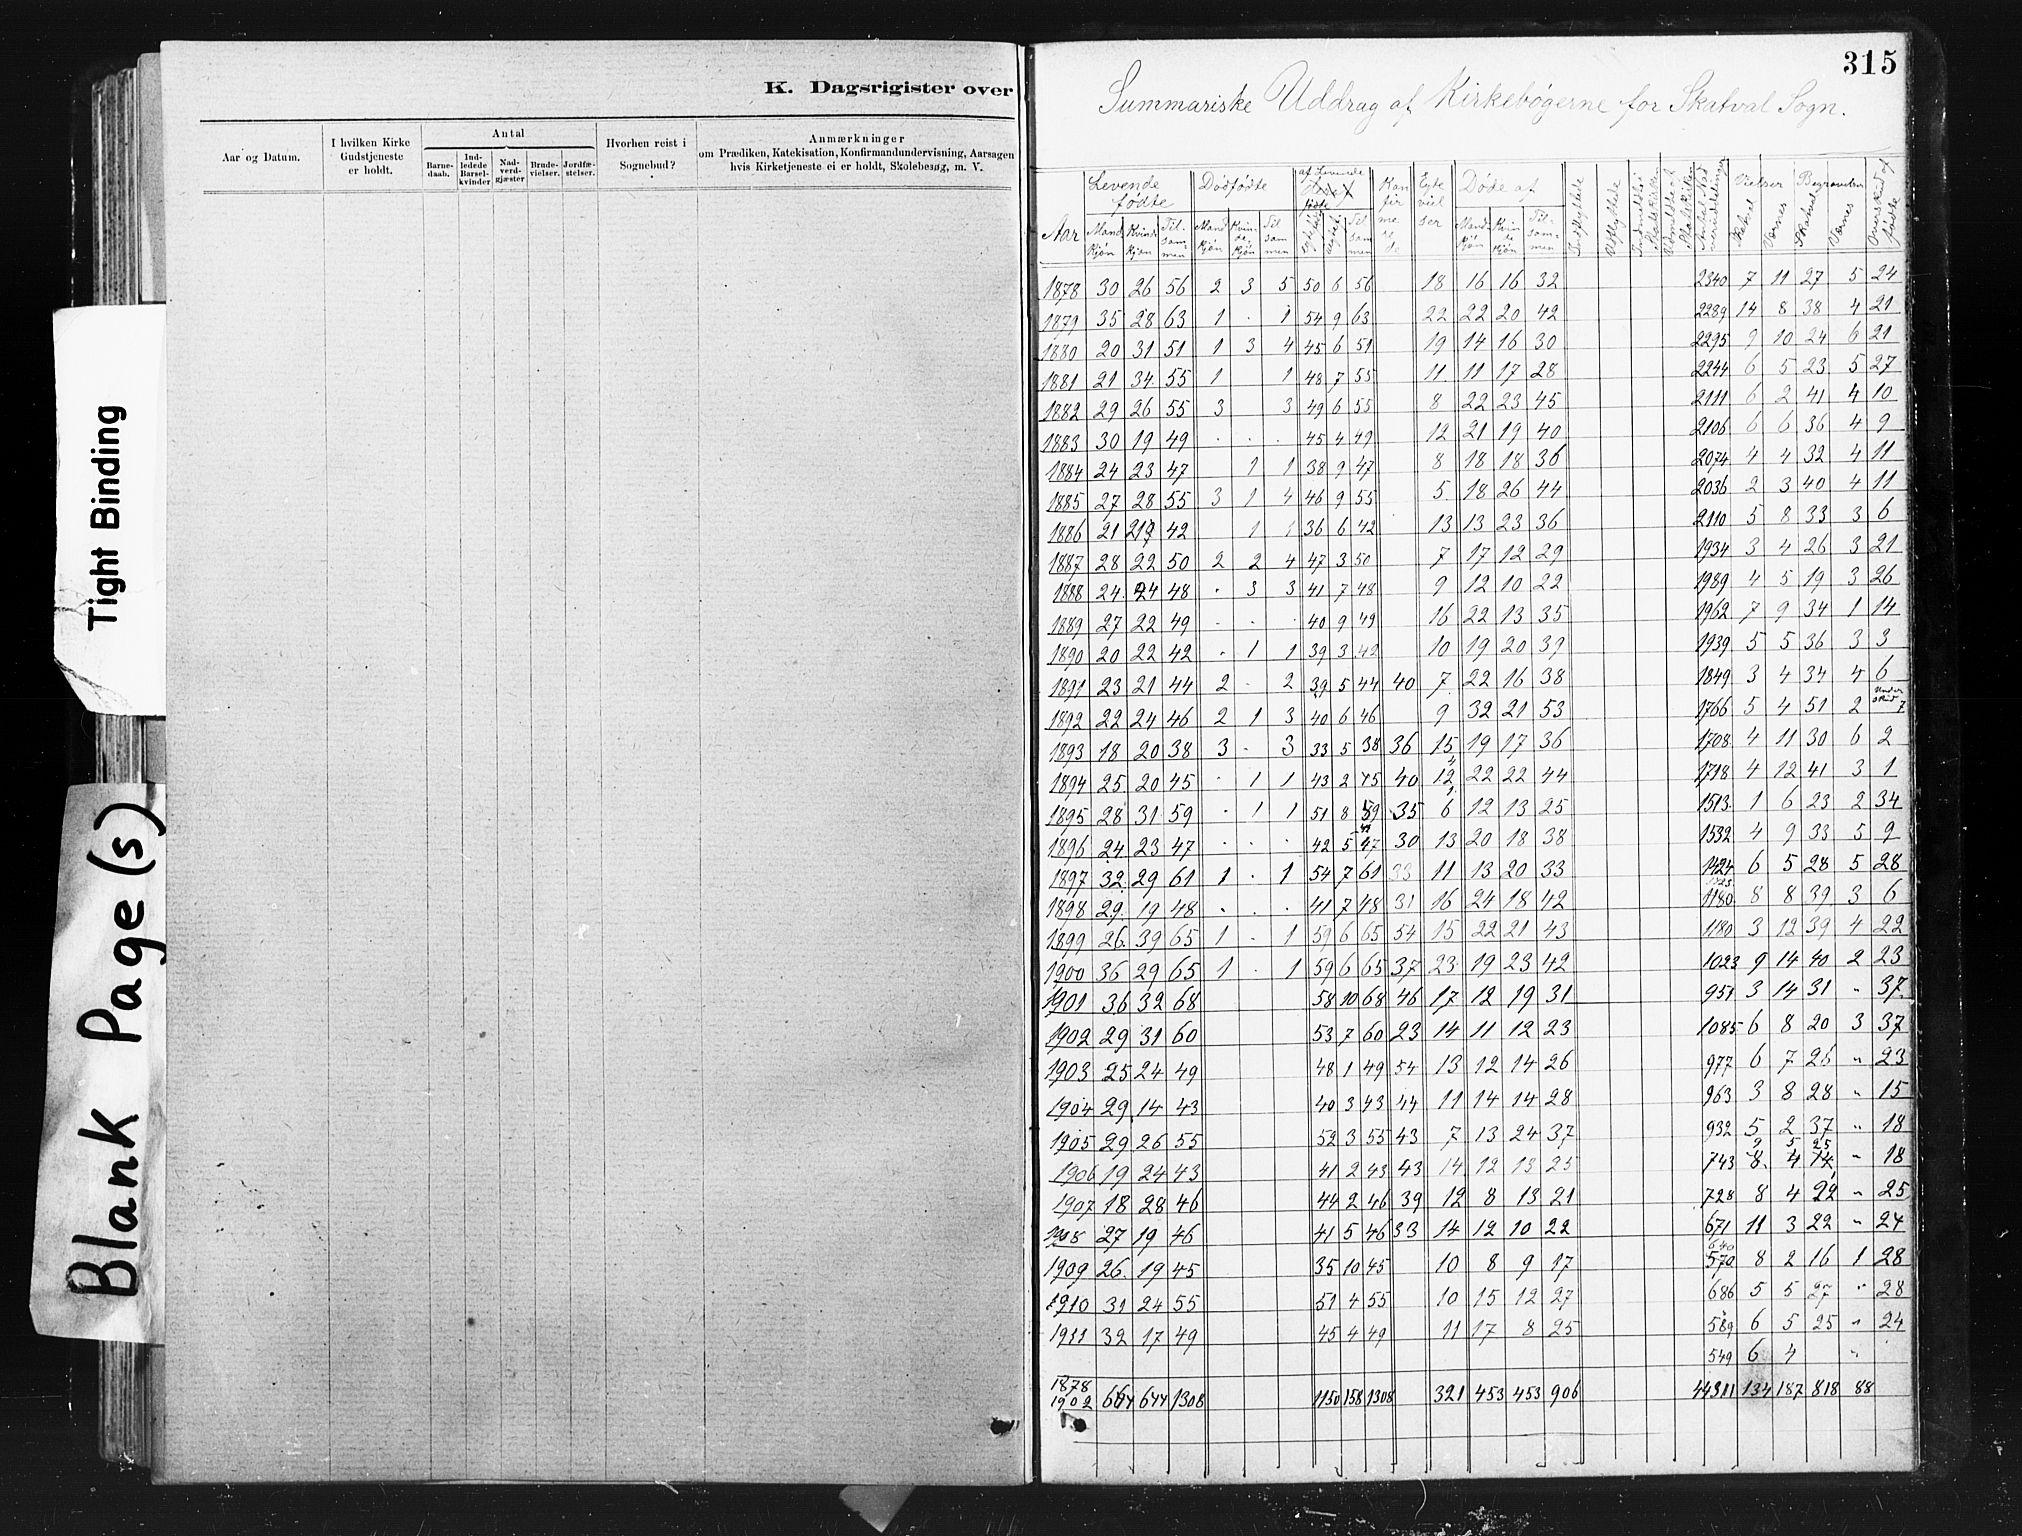 SAT, Ministerialprotokoller, klokkerbøker og fødselsregistre - Nord-Trøndelag, 712/L0103: Klokkerbok nr. 712C01, 1878-1917, s. 315